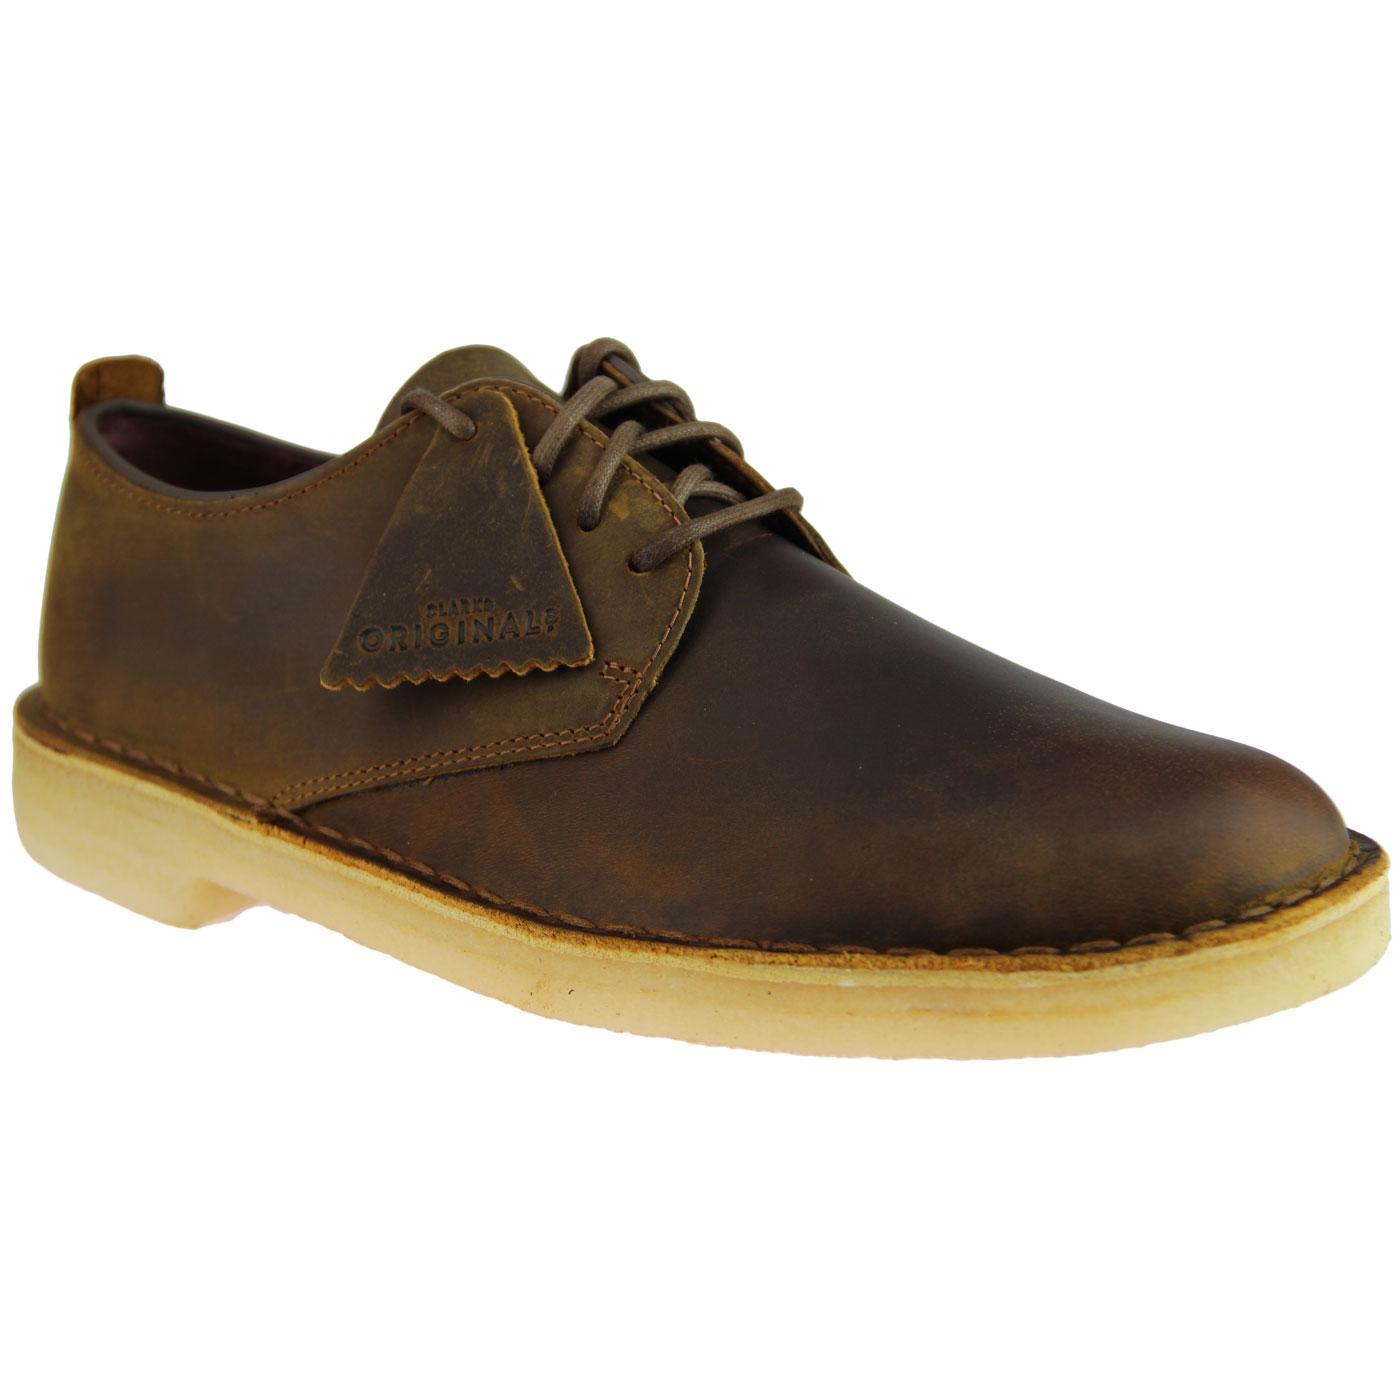 Desert CLARKS ORIGINALS Mens Mod Shoes Beeswax